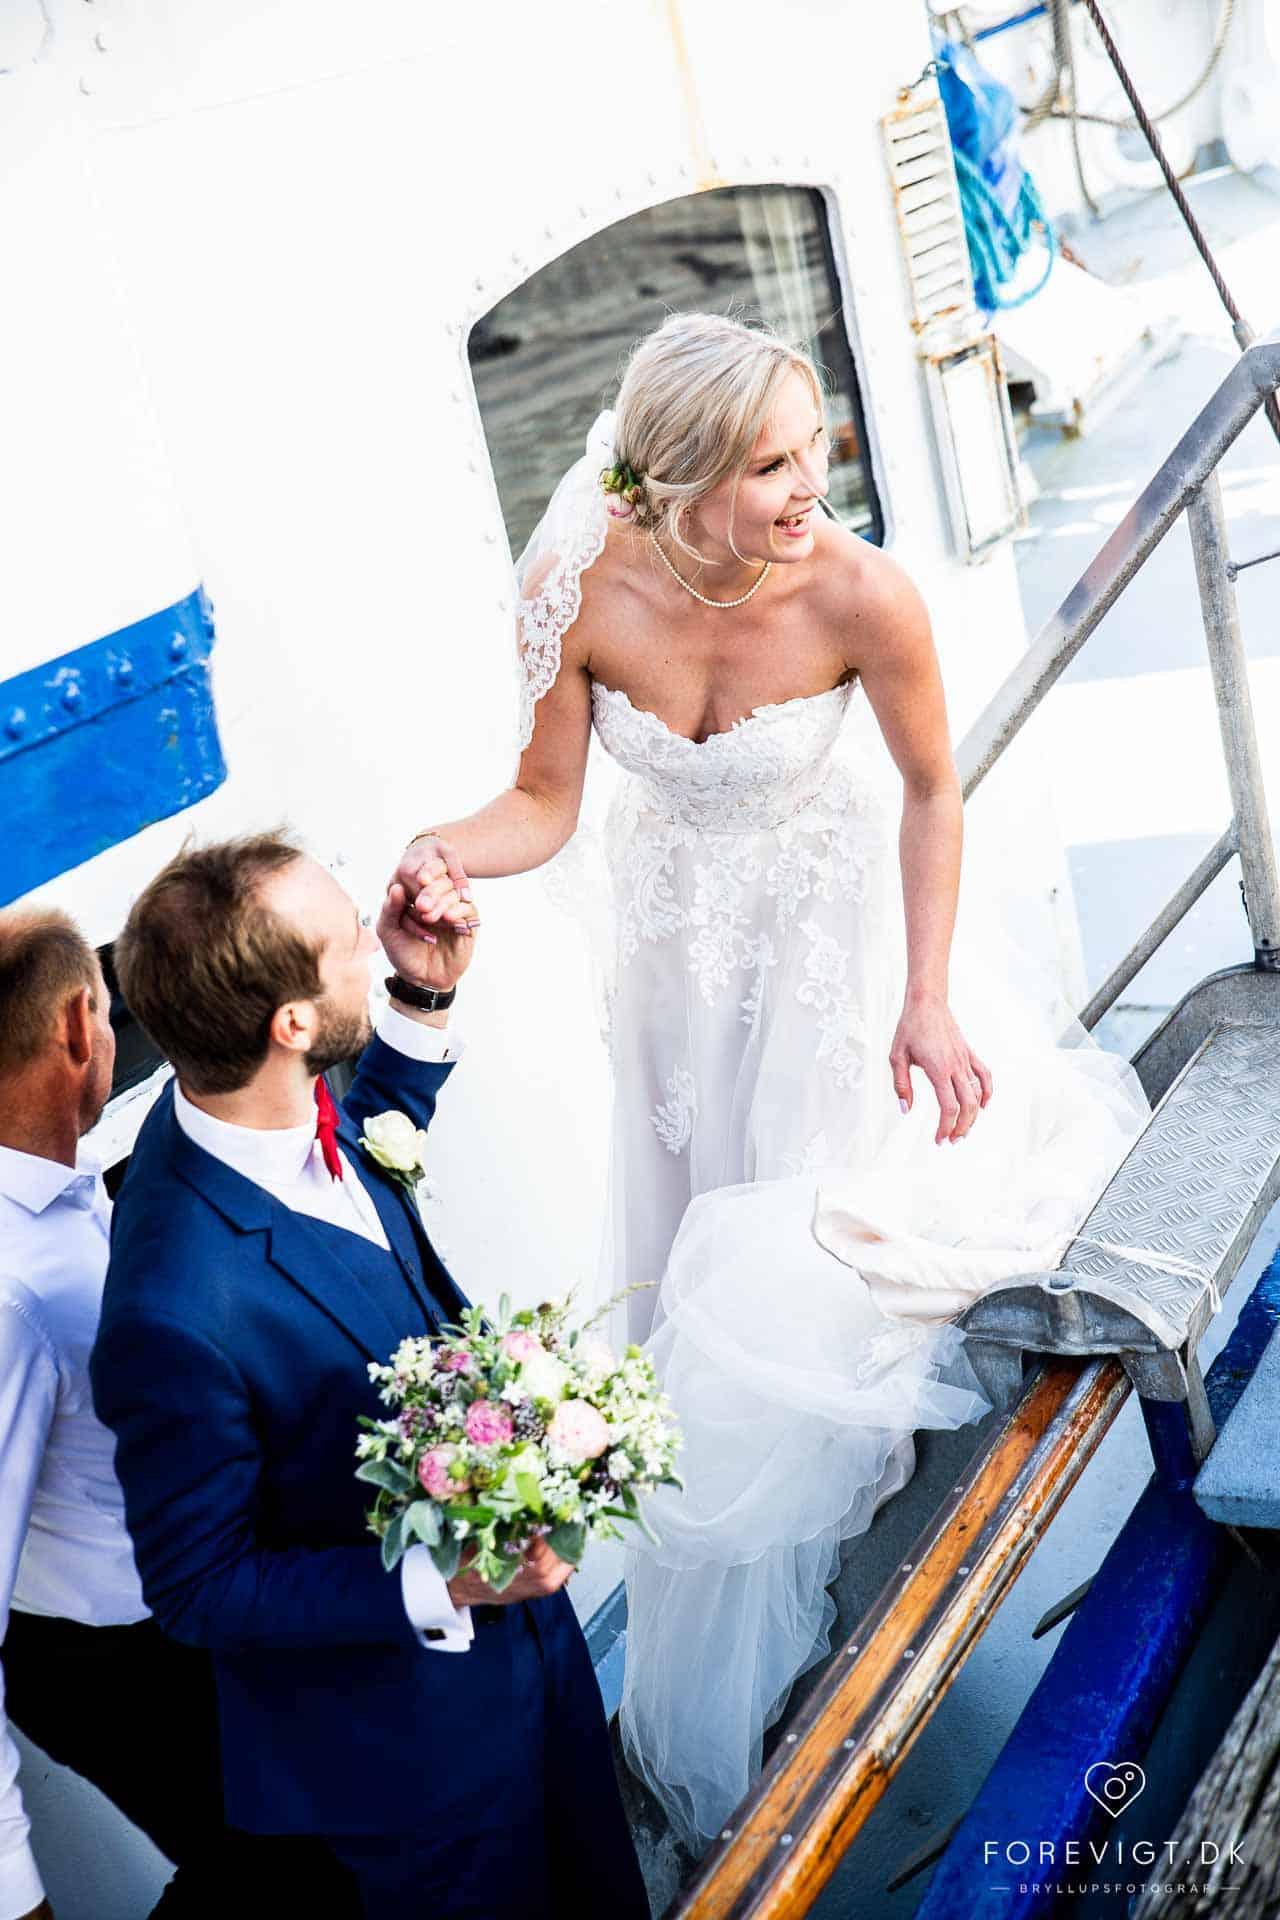 Bryllupsfoto København K - luftfoto, fotografer, portrætfotografering, børnefoto, bryllupsfotografering, erhvervsfotografering, bryllupsbilleder, børnefotografer